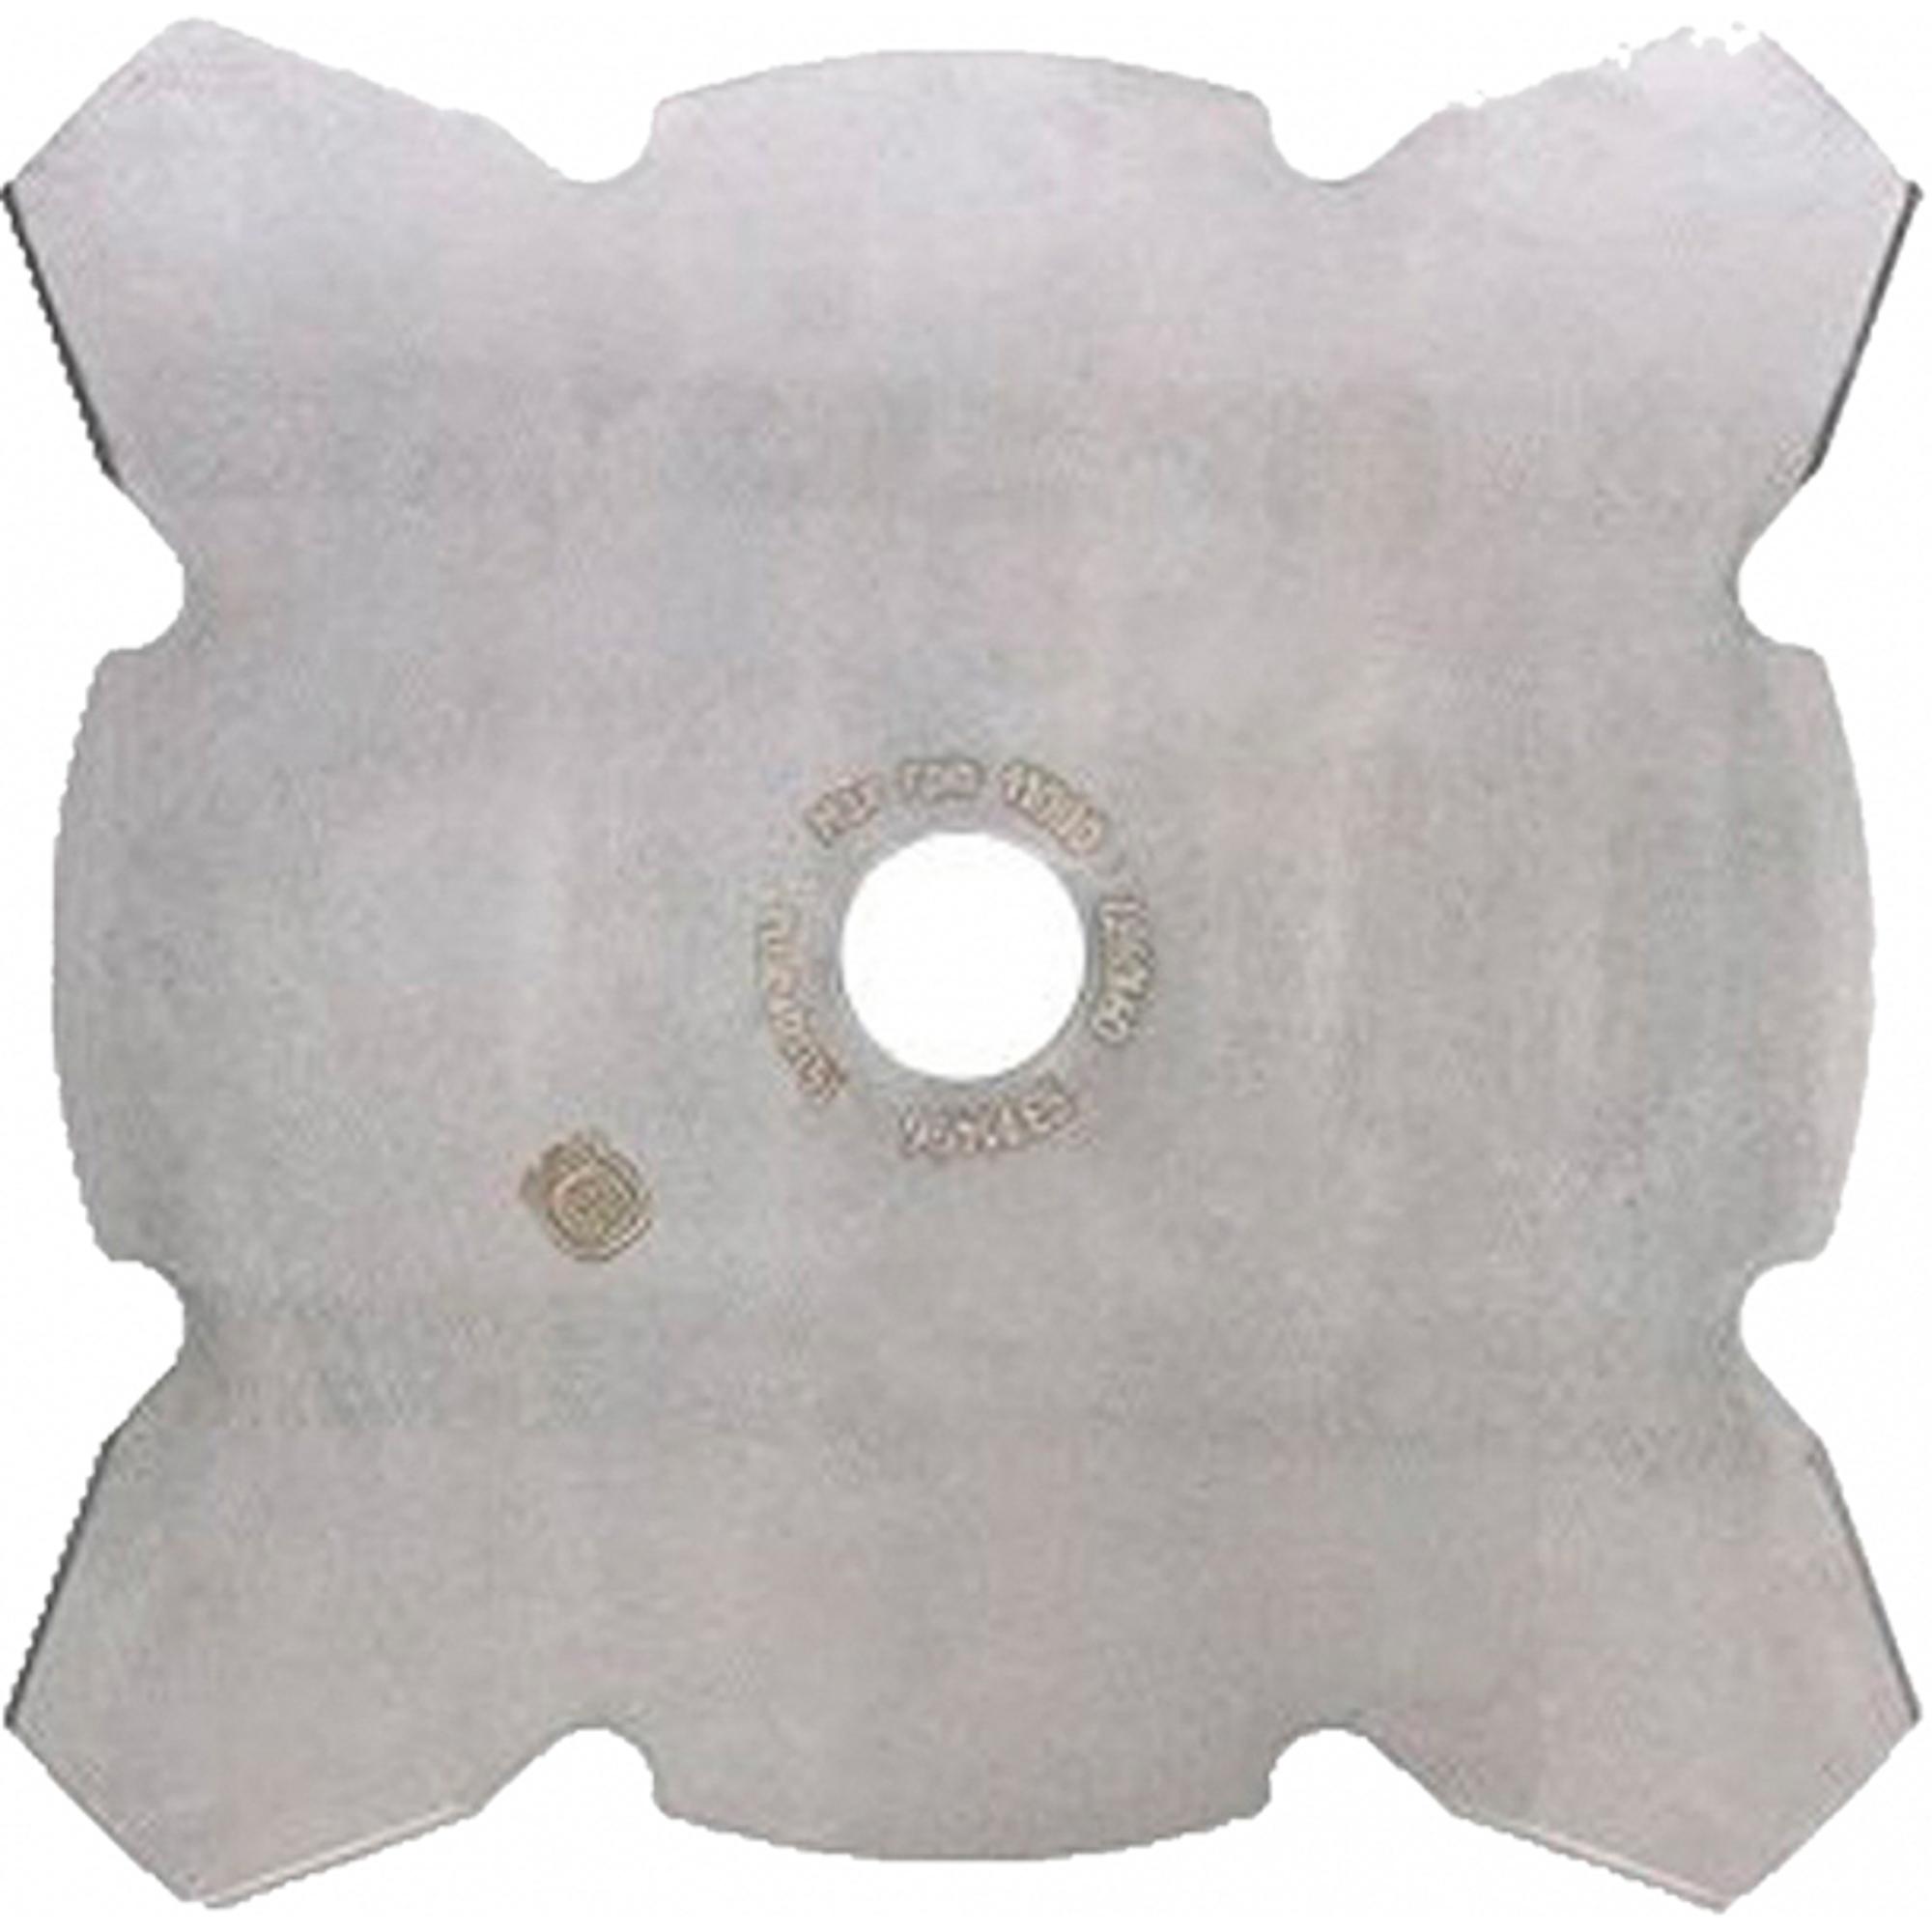 Купить Режущий диск Husqvarna Grass 255/4/1, Швеция, серебристый, металл